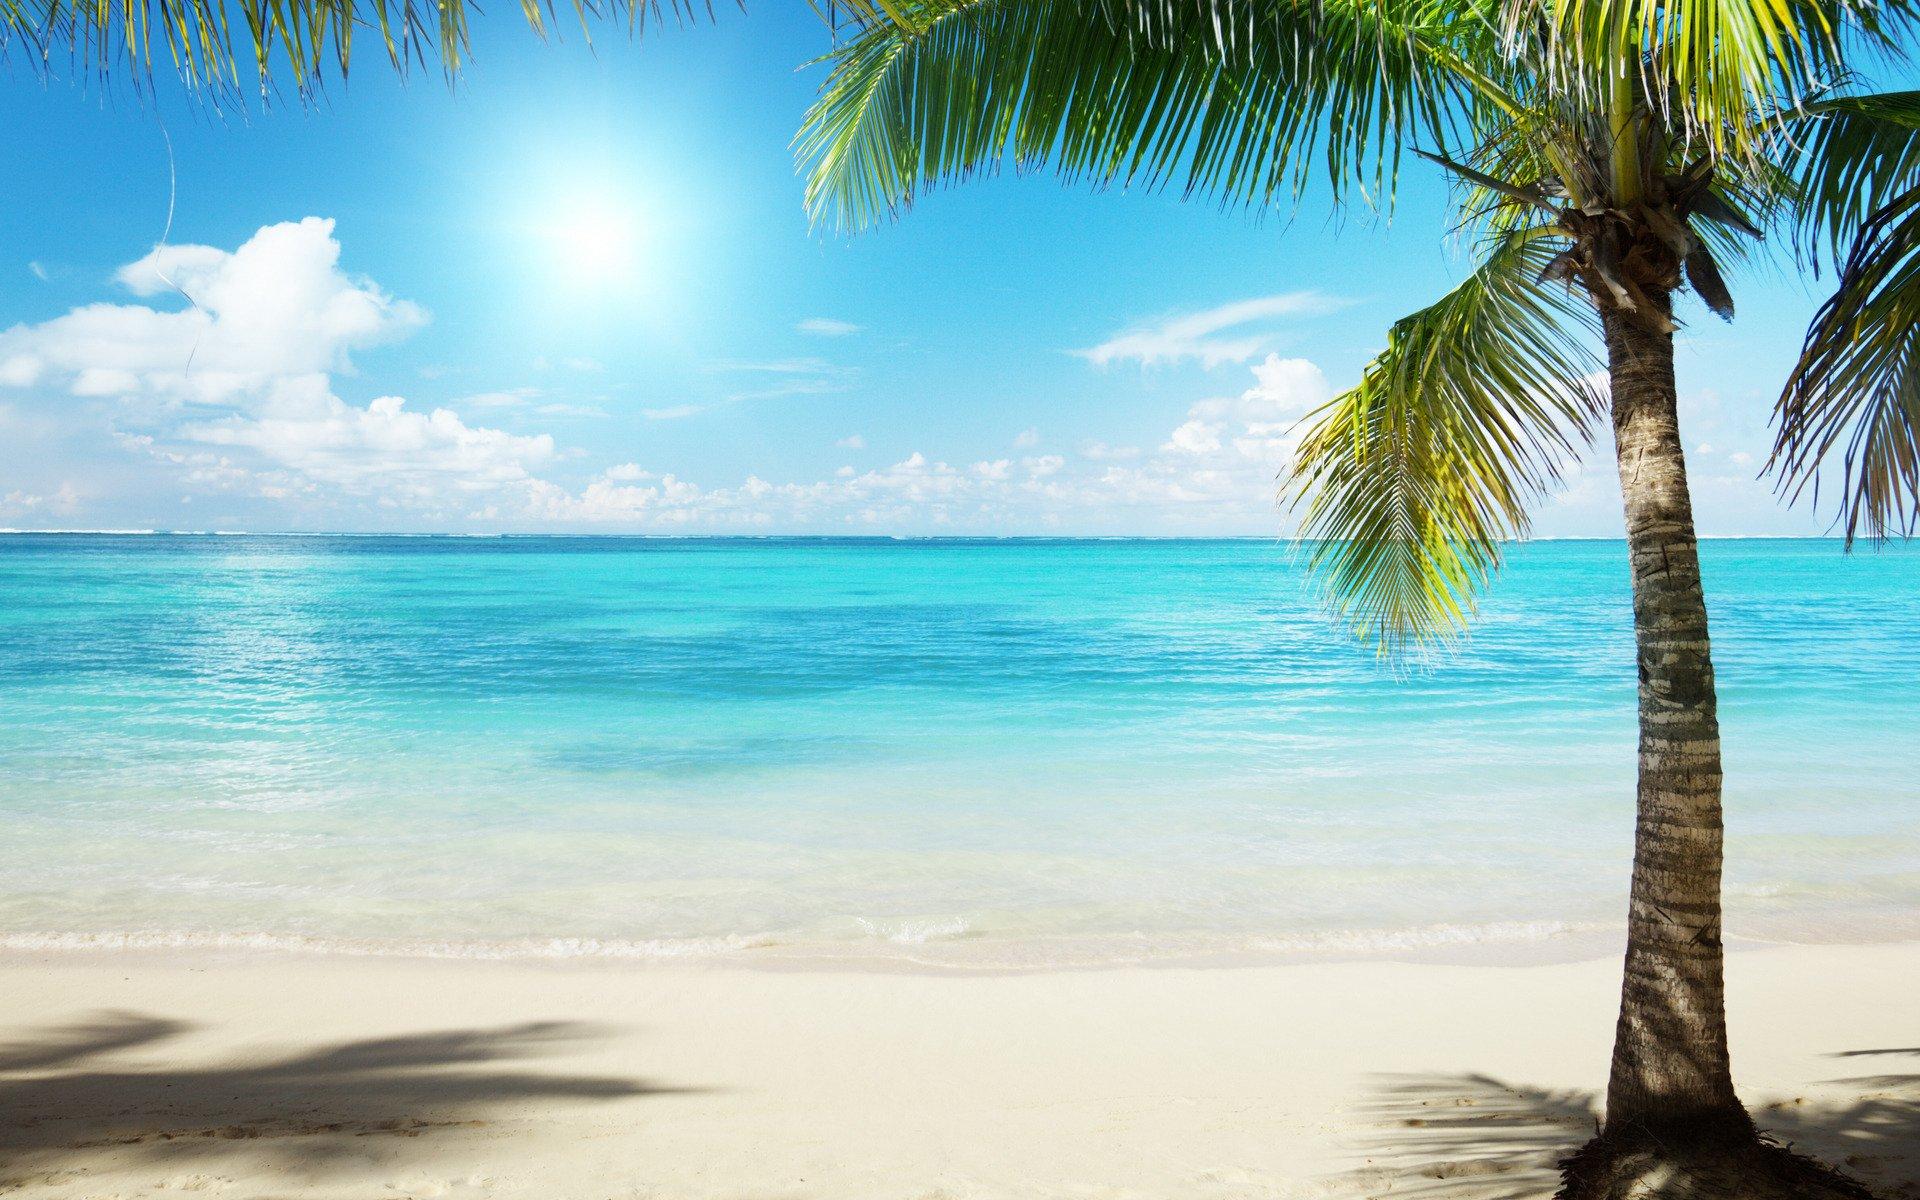 Summer Beach Scenes Wallpaper - WallpaperSafari